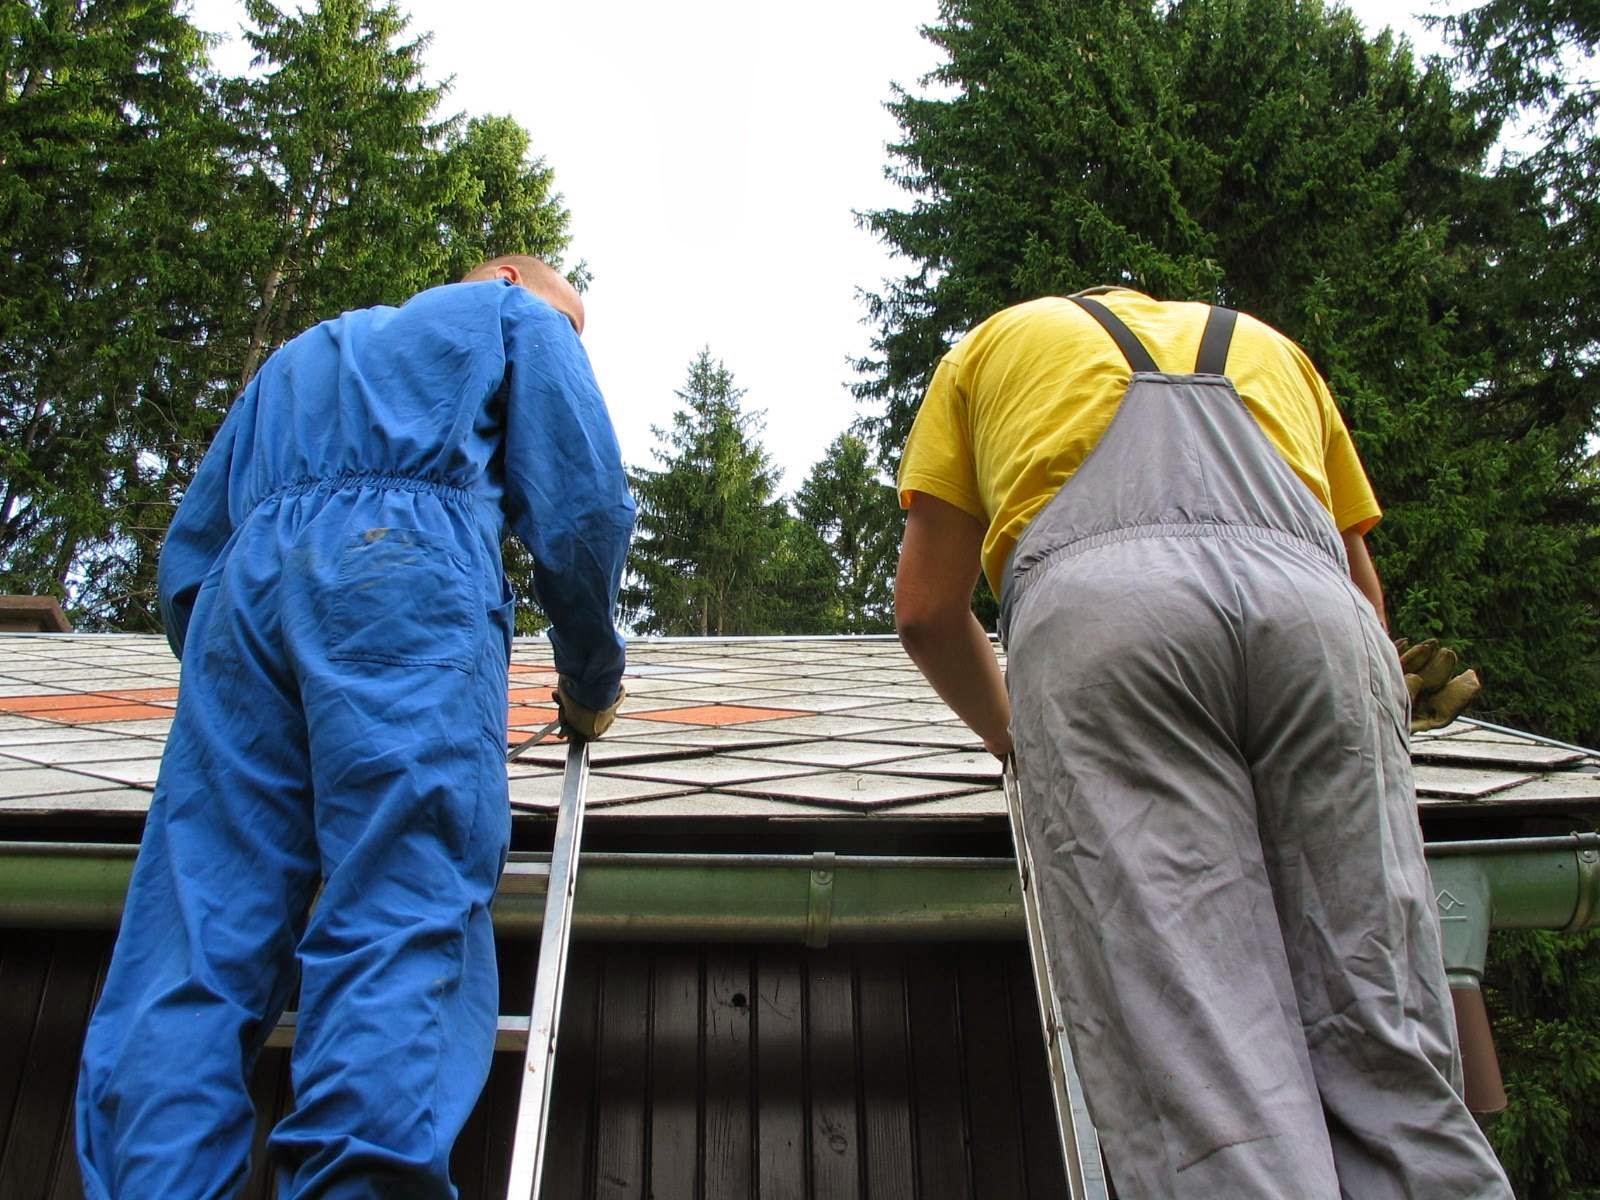 Delovna akcija - Streha, Črni dol 2006 - streha%2B026.jpg